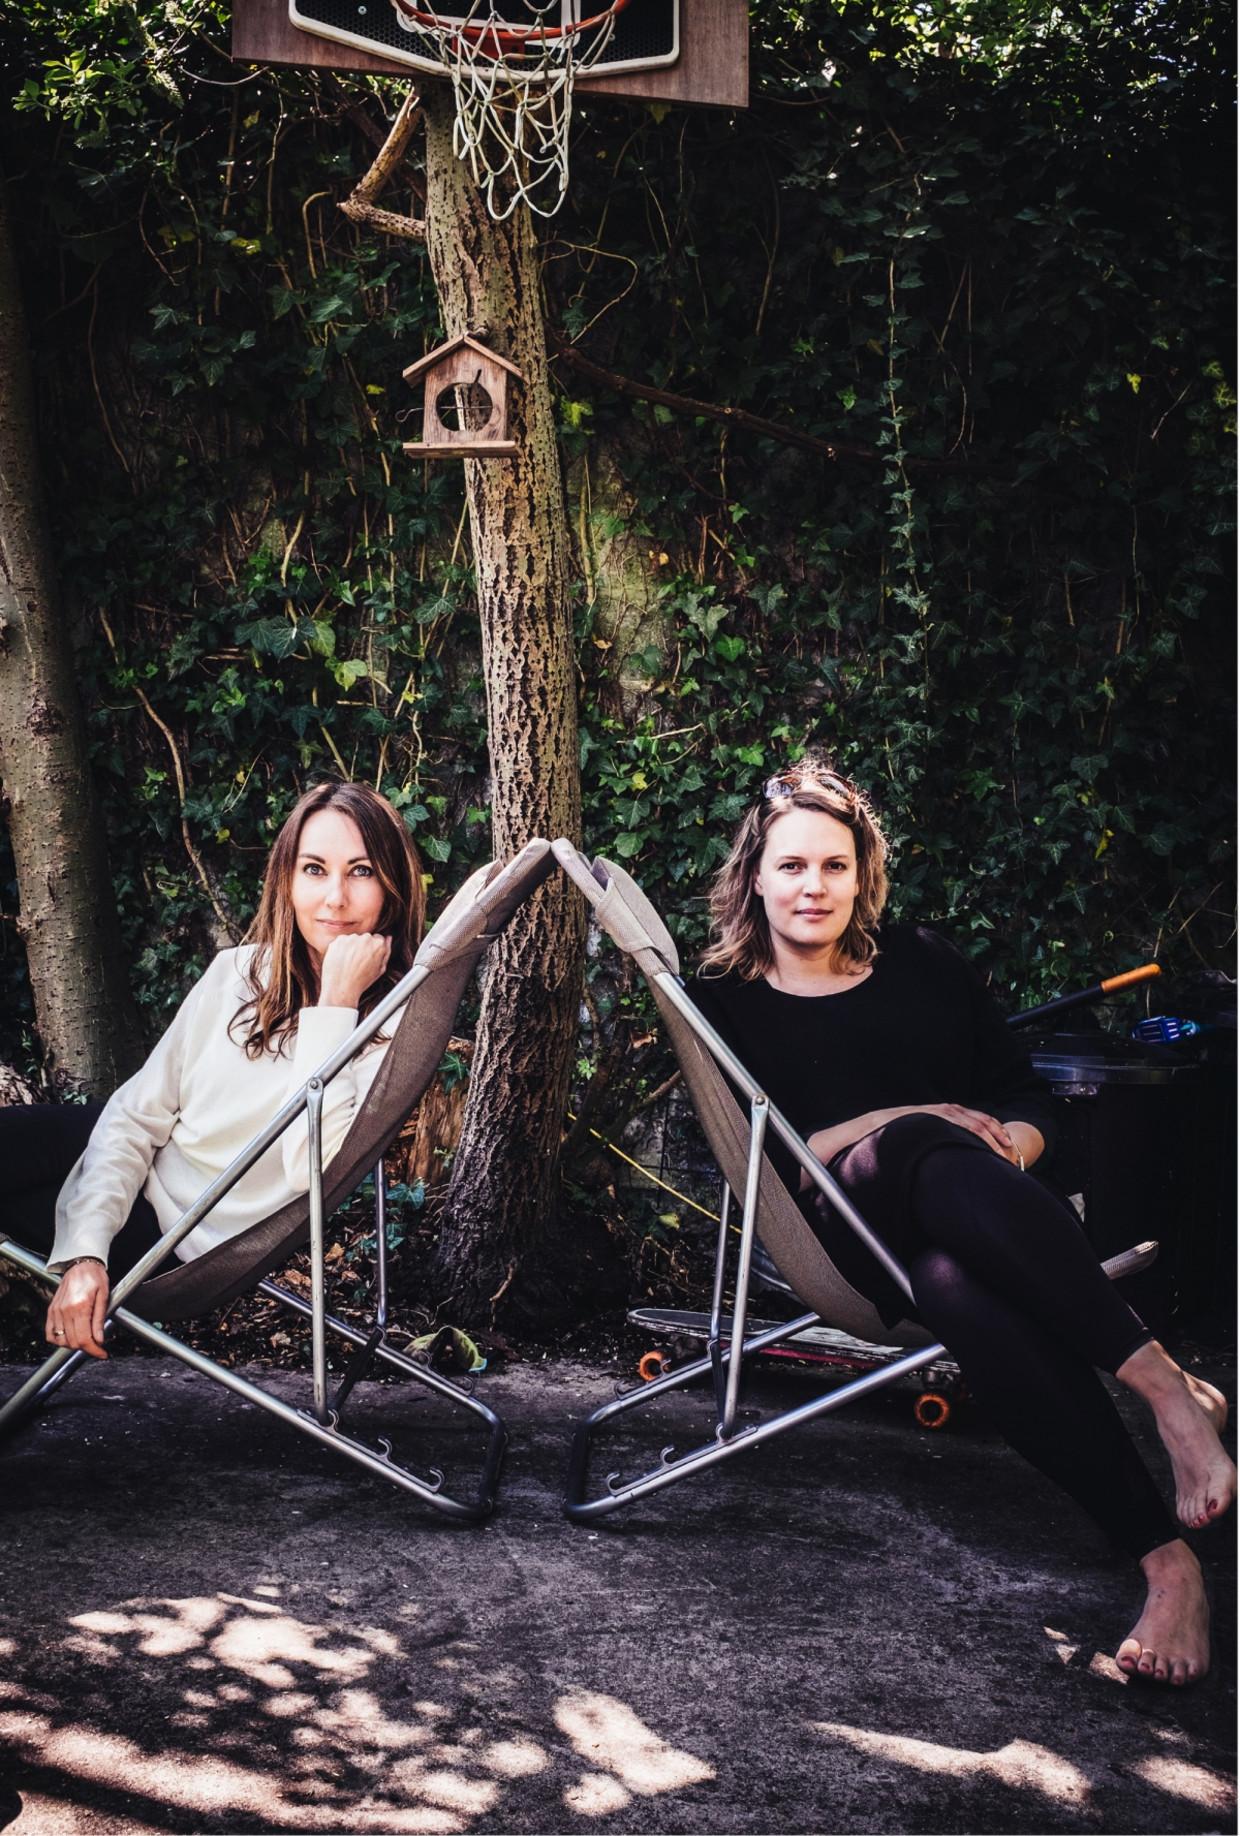 Hannelore Bedert (rechts): 'Stijn was heel betrokken bij mijn muziek: hij hoorde nieuwe nummers het eerst, maakte het artwork... Ik denk niet dat ik ooit nog op een podium zal staan.' Beeld: Carmen De Vos